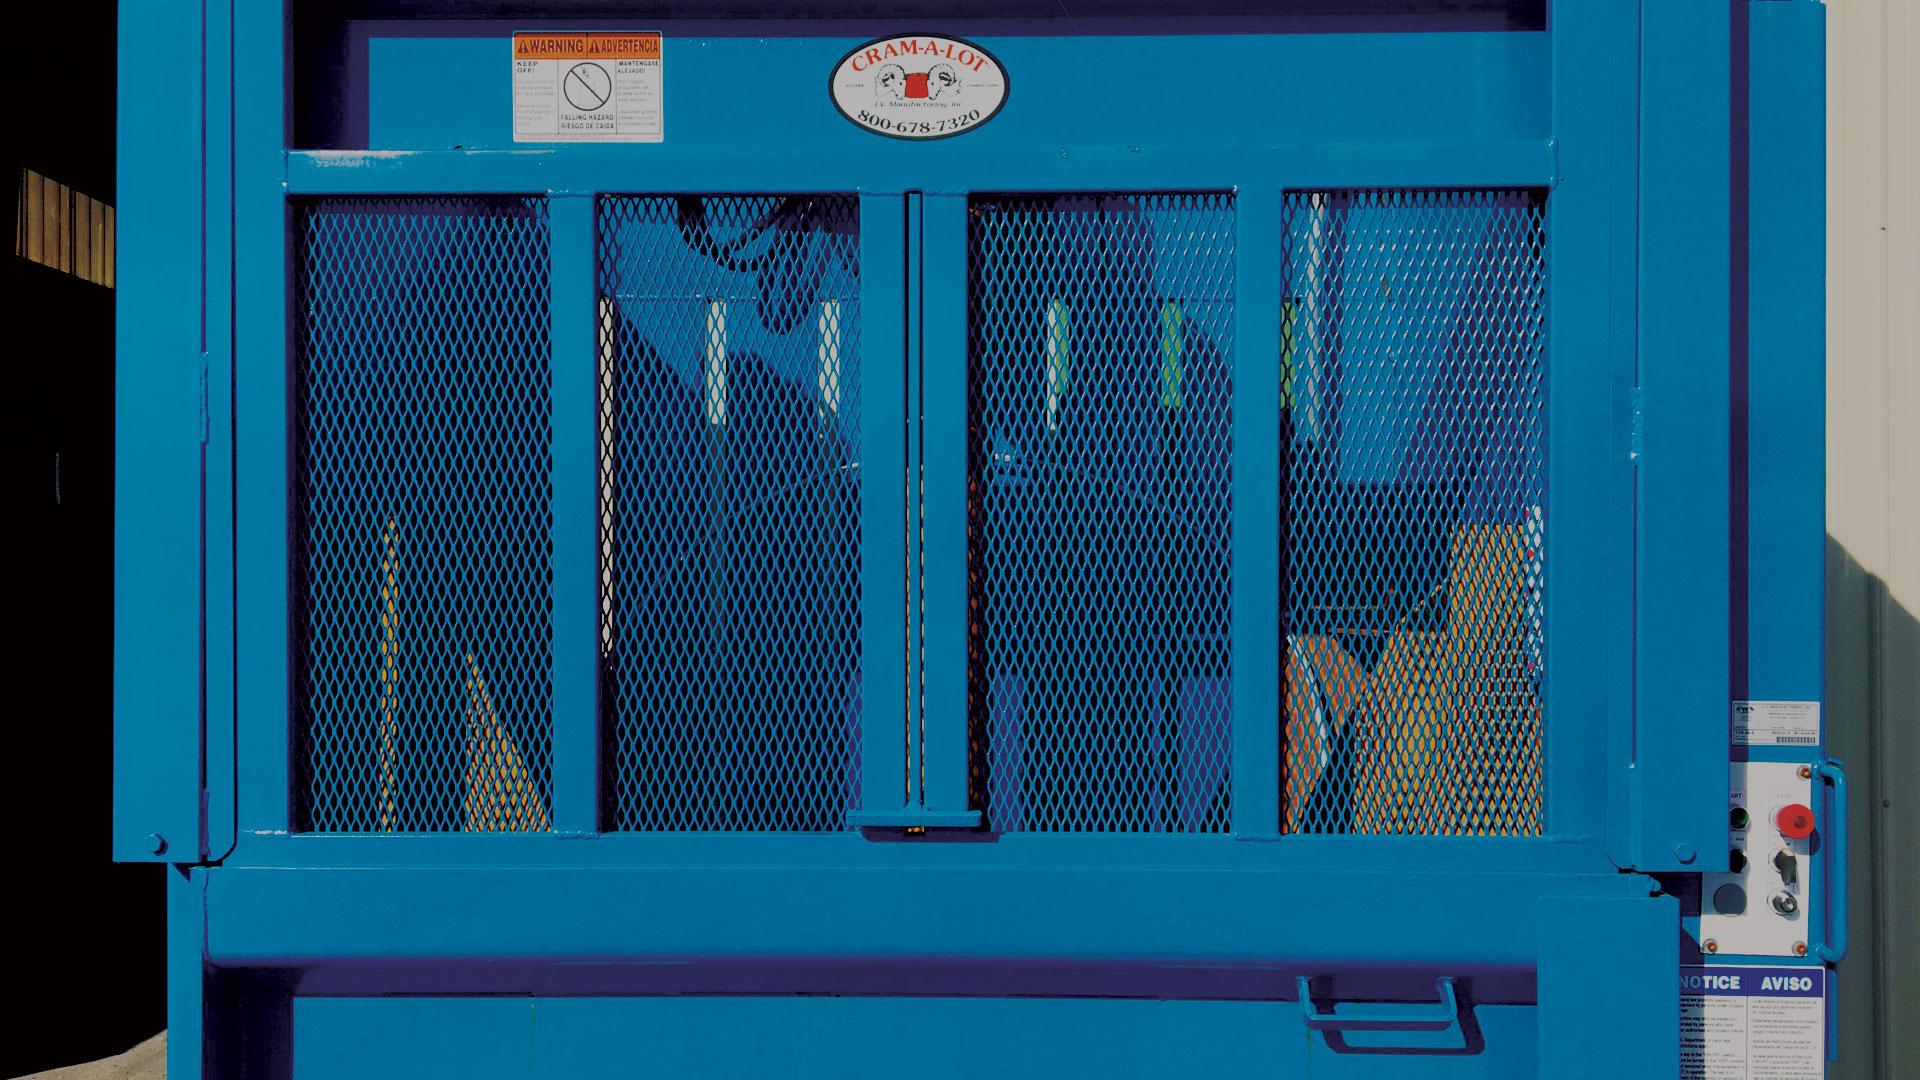 TVB-60 Vertical Baler